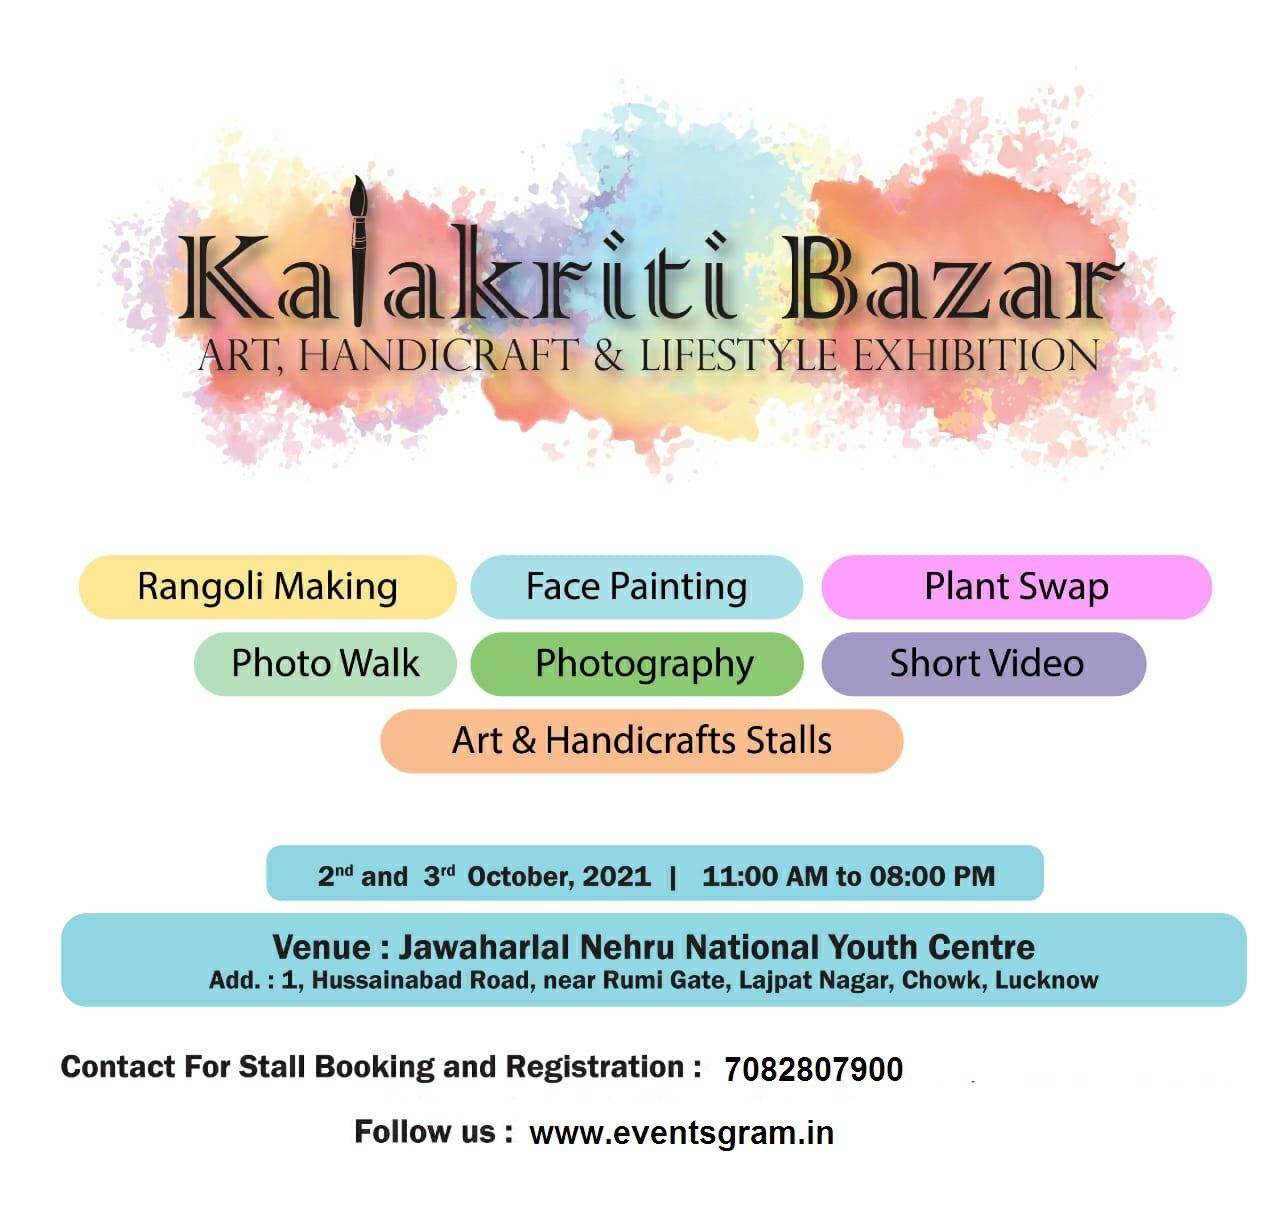 Kalakriti Bazar